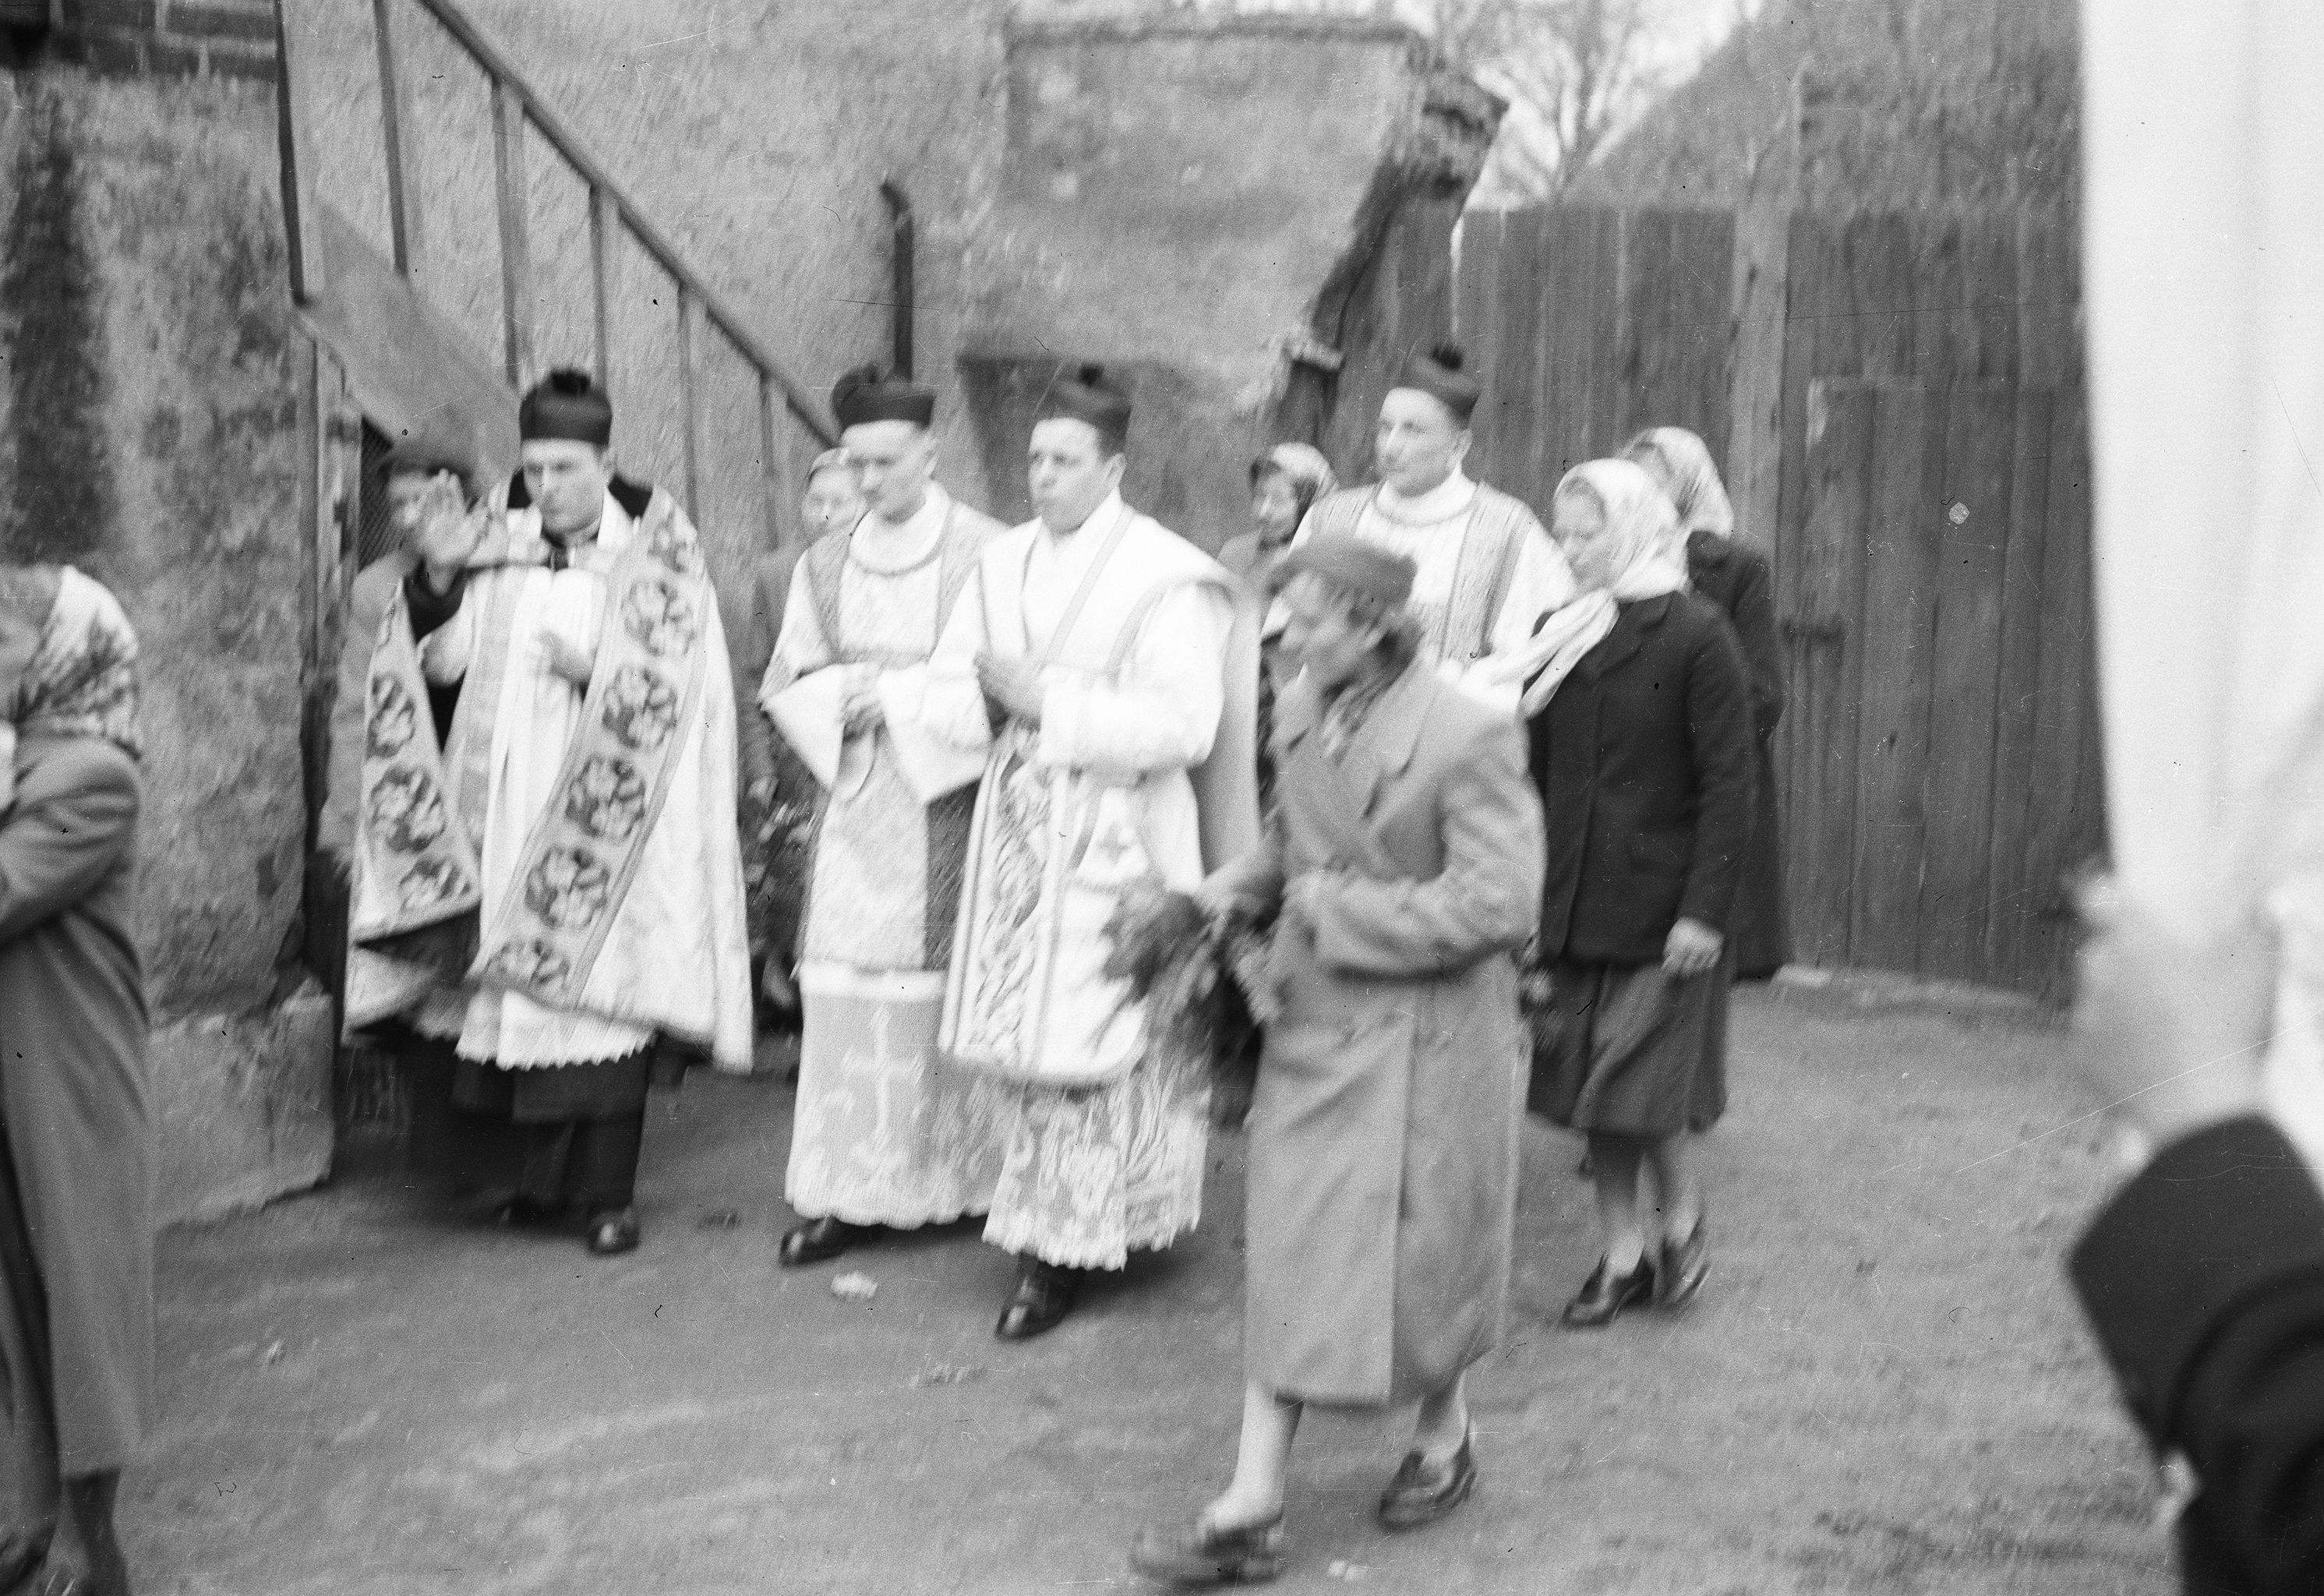 Prymicja księdza Mieczysława Matczaka - pod plebanią, Głębowice, Dolny Śląsk, lata 50. XX w.